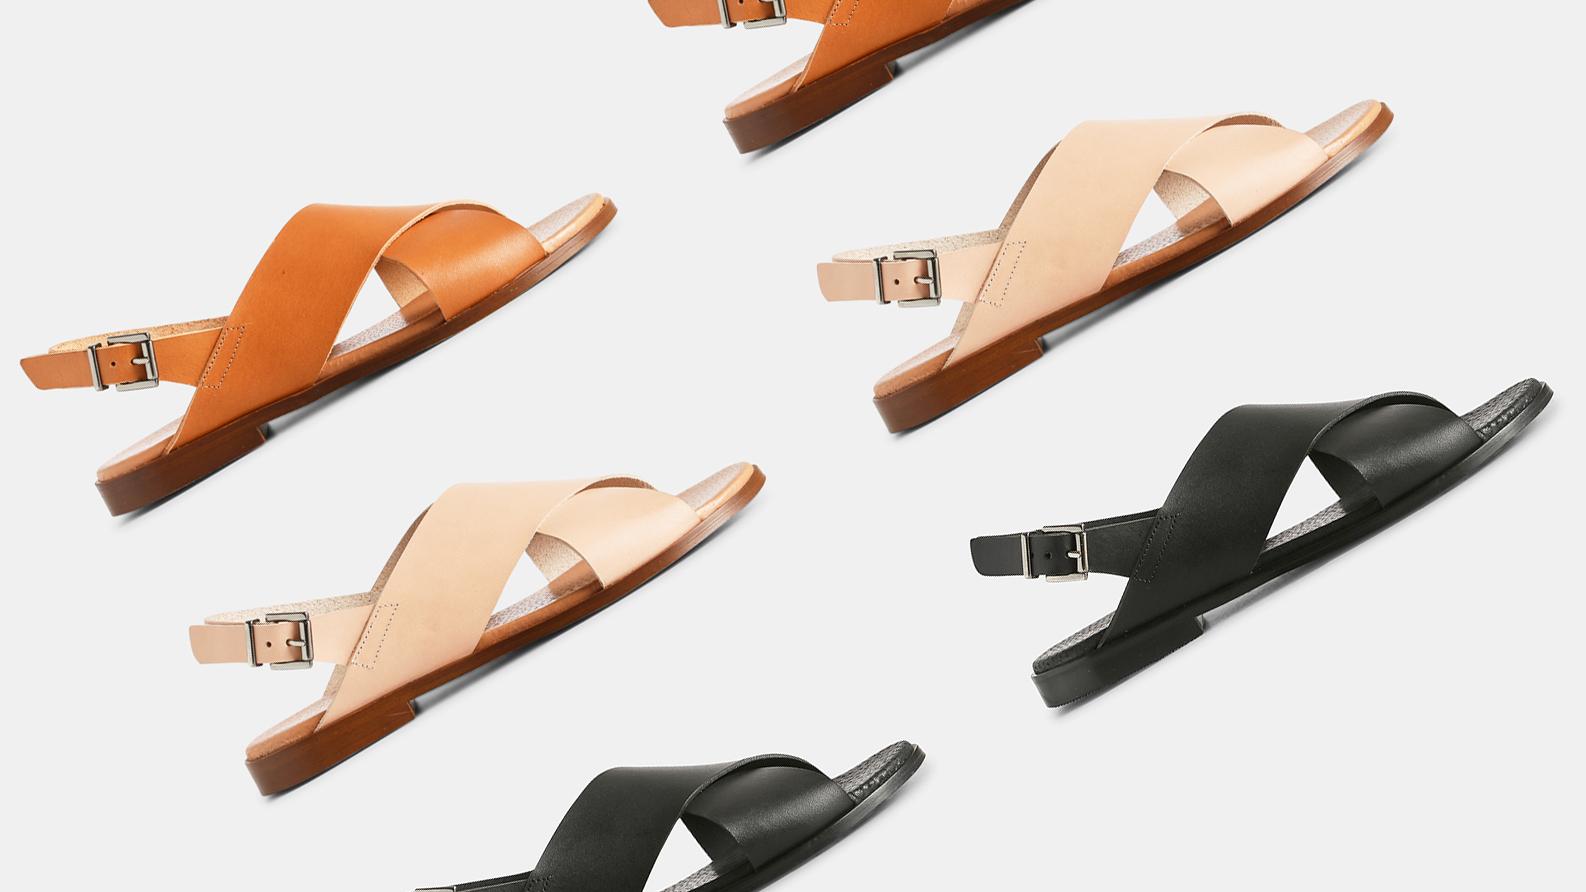 e5d66f1f035 Sommersko er både komfortable og alsidige, og så kan de kombineres med  kjoler, jeans og shorts. Forneden har vi fundet de bedste styles fra vores  nye SS18 ...